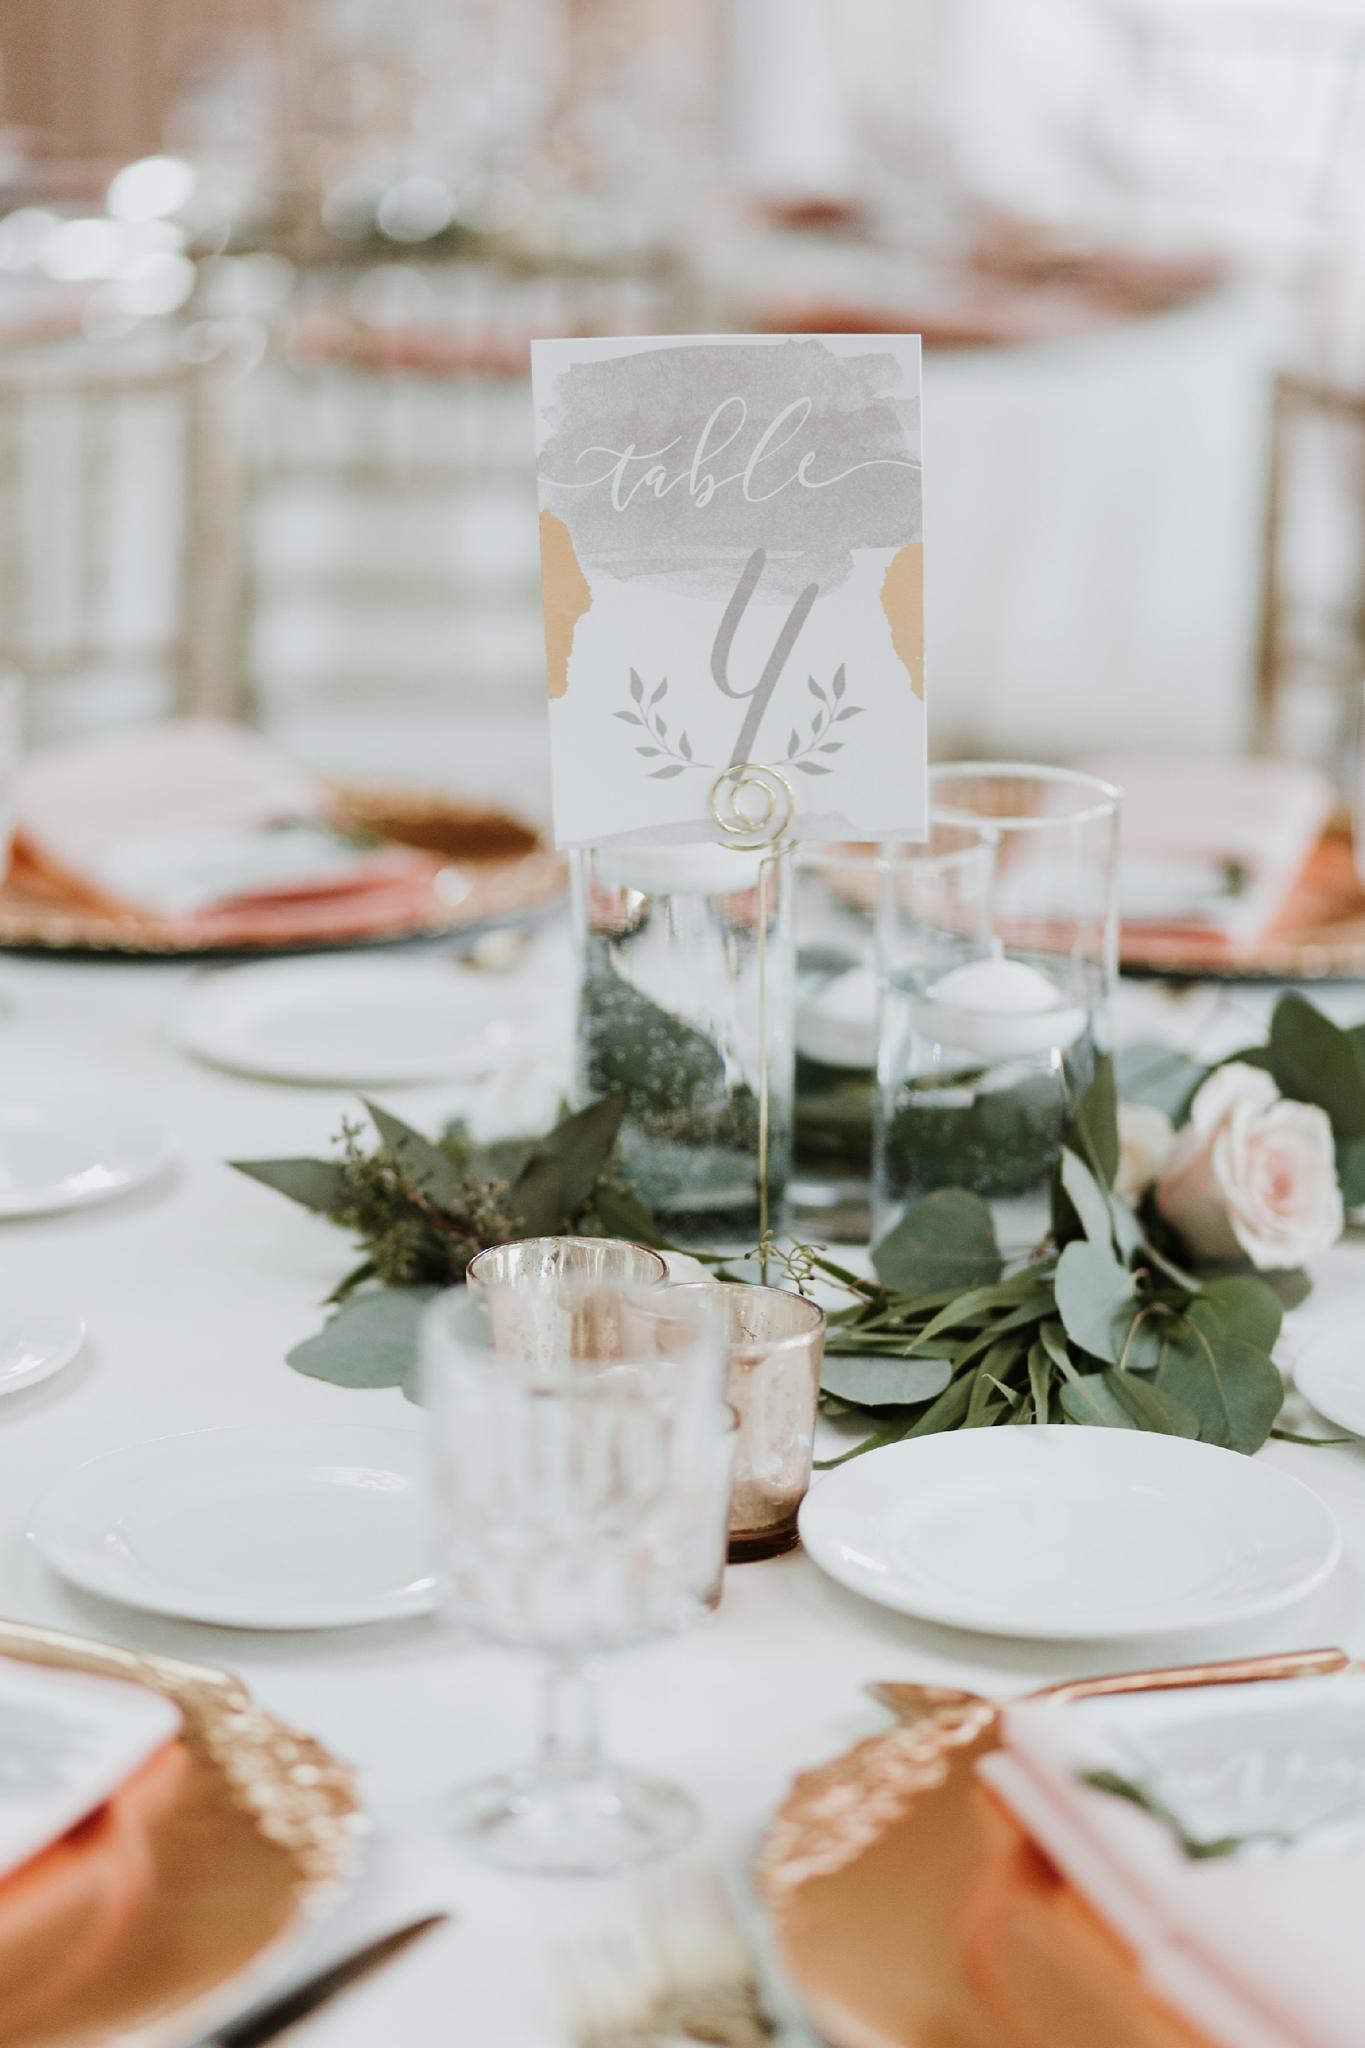 Alicia+lucia+photography+-+albuquerque+wedding+photographer+-+santa+fe+wedding+photography+-+new+mexico+wedding+photographer+-+new+mexico+wedding+-+summer+wedding+-+summer+wedding+florals+-+southwest+wedding_0033.jpg